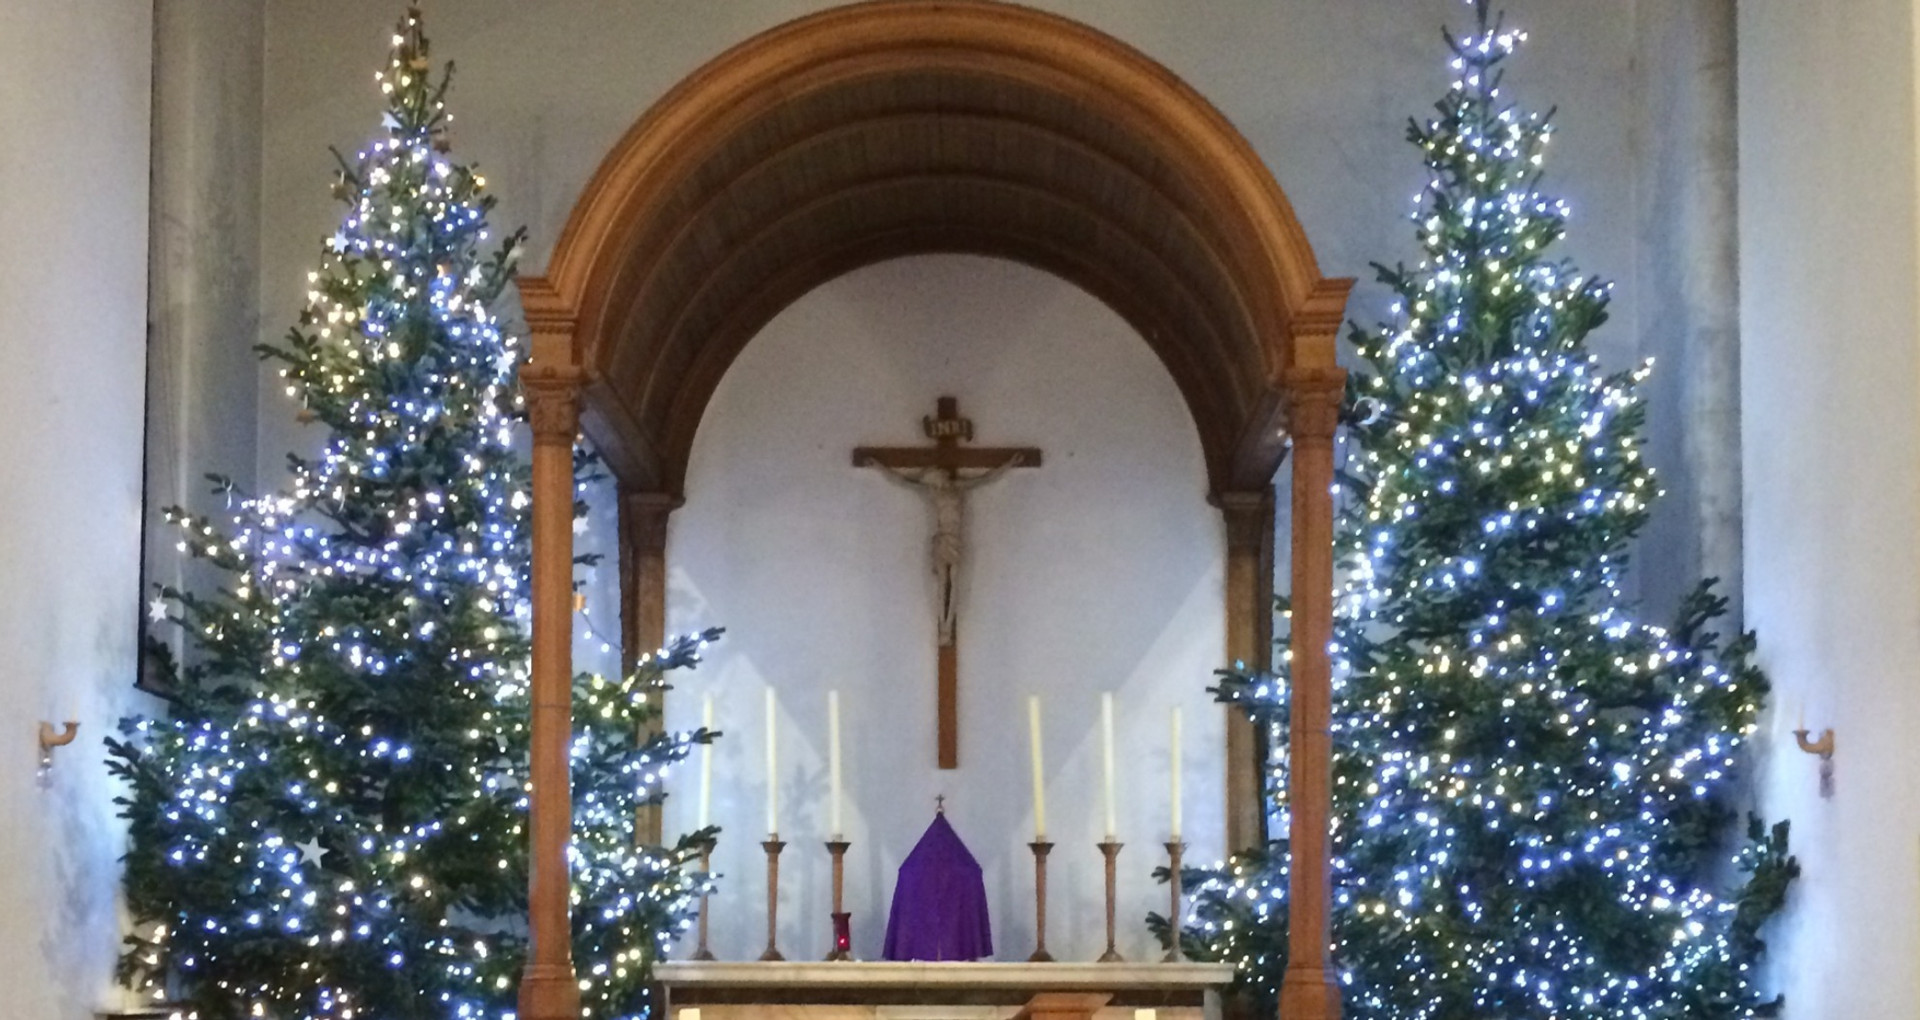 St Patrick's Church at Christmas